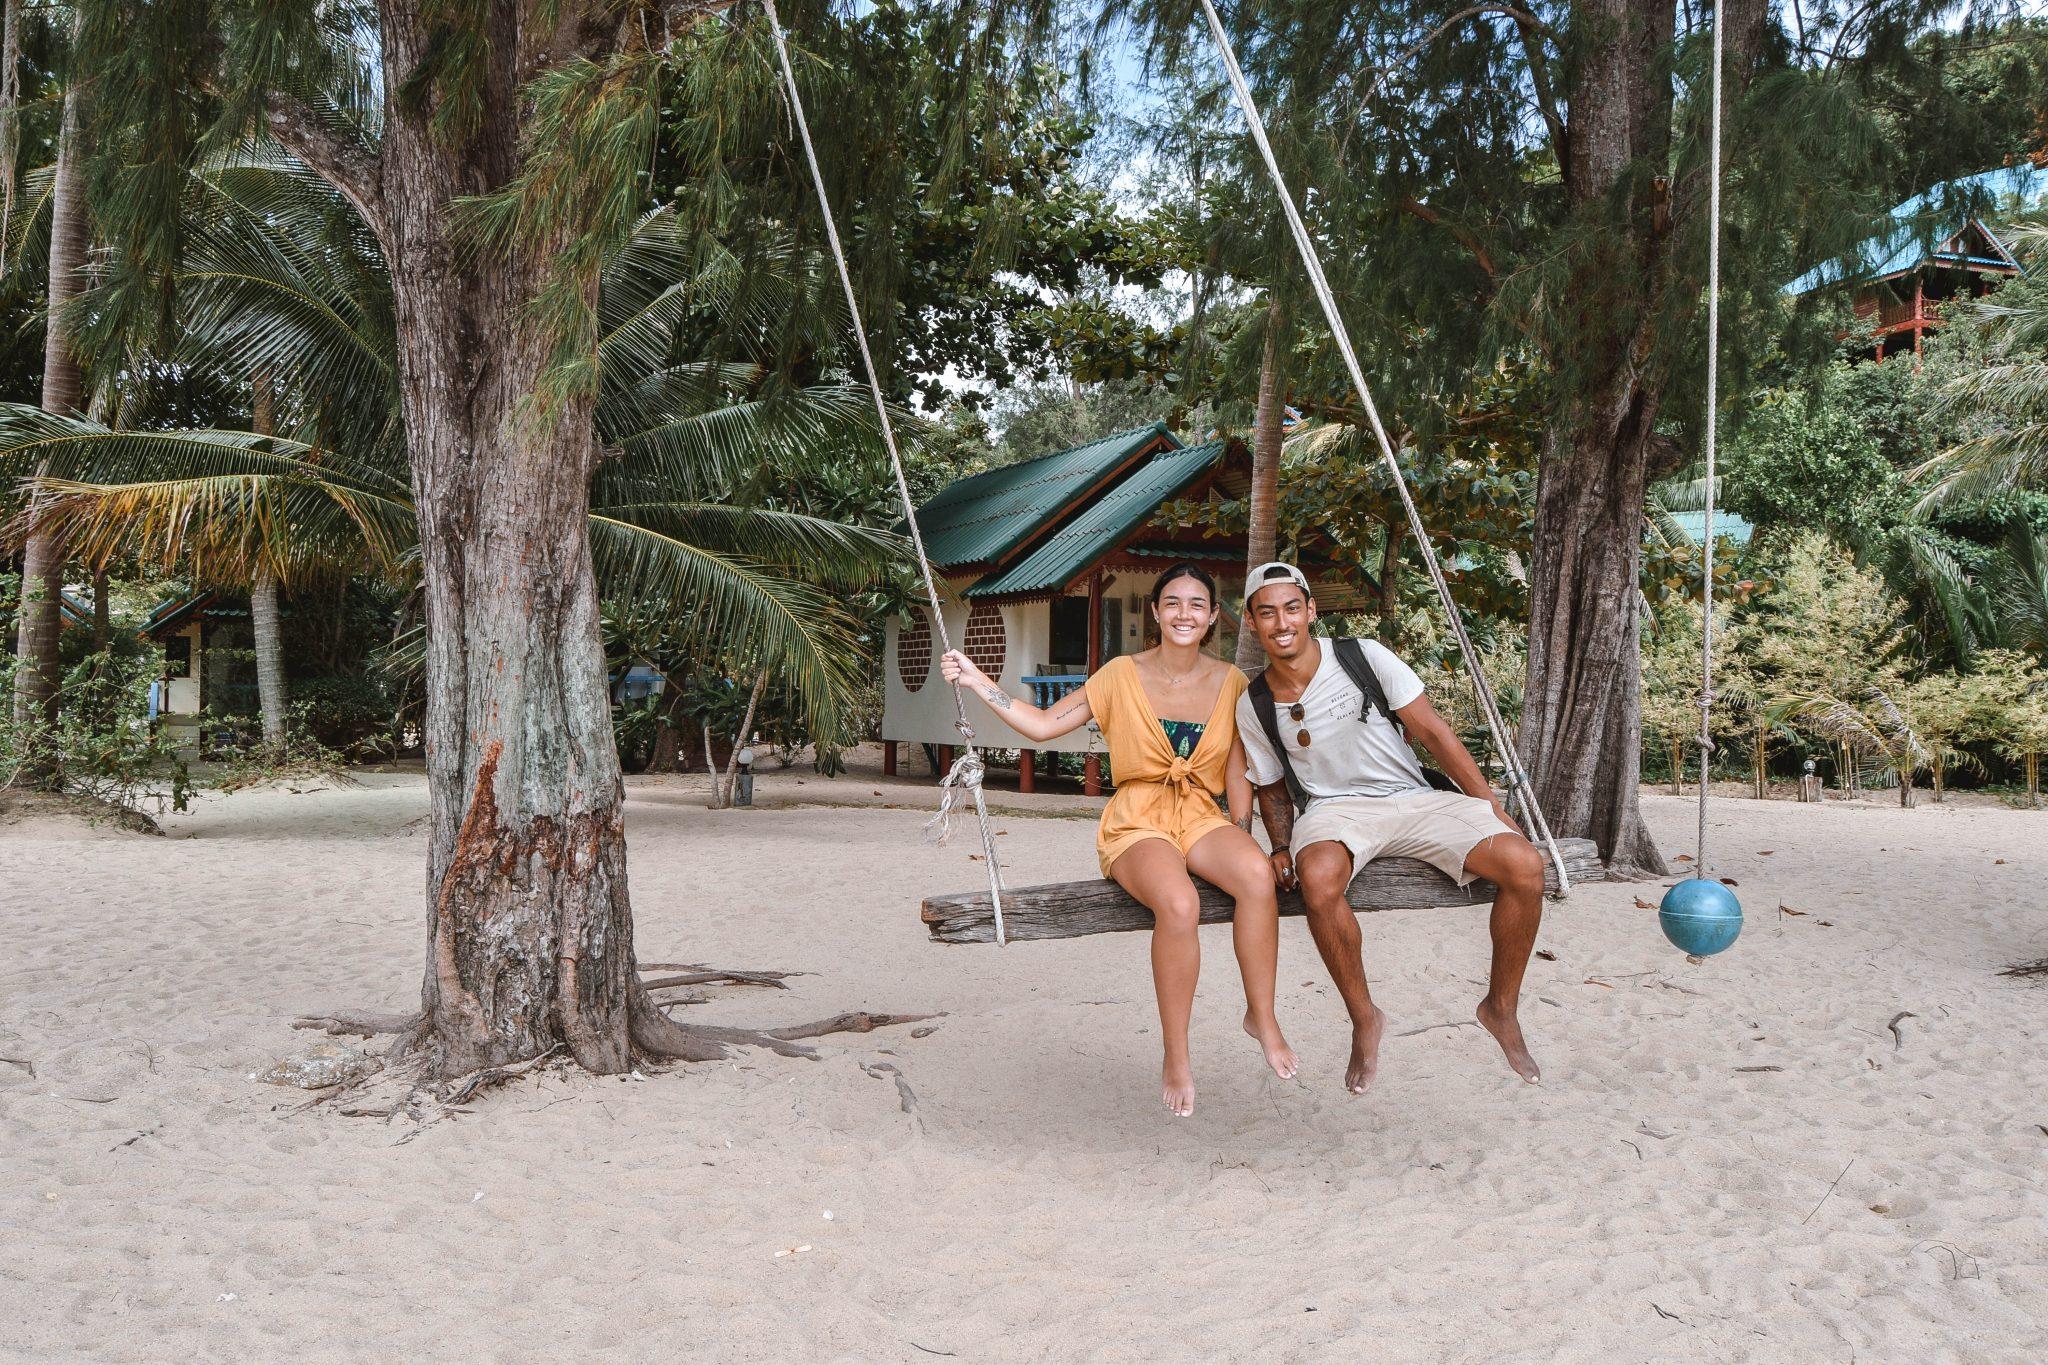 Wanderers & Warriors - Haad Mae Haad Beach Koh Phangan - Koh Ma Koh Phangan Best Beaches Koh Phangan Beaches